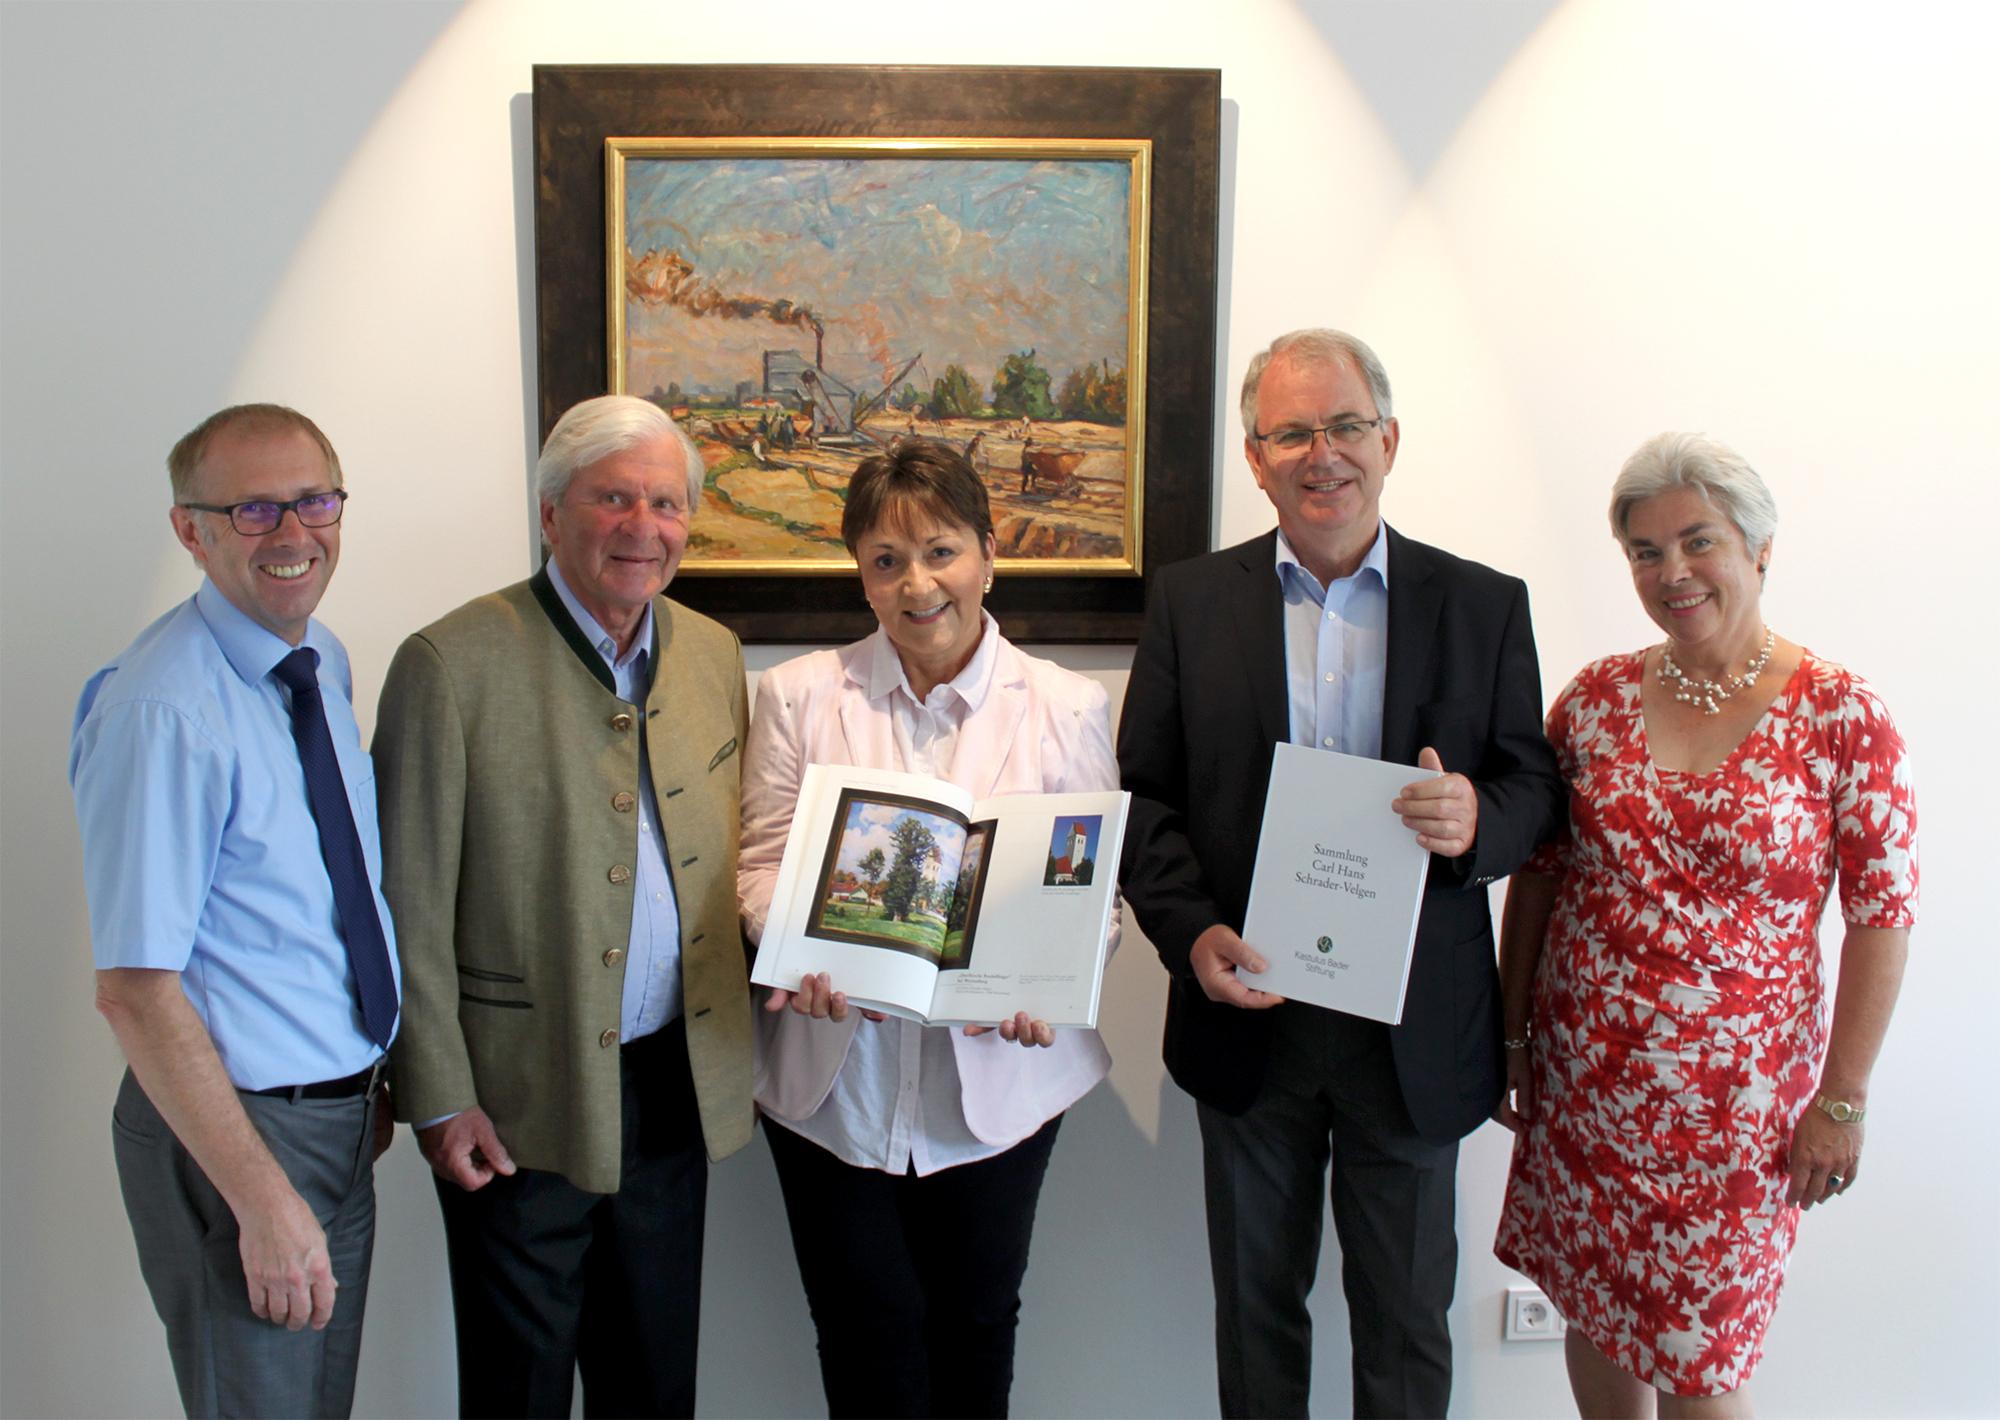 Kastulus-Bader-Stiftung spendet Schrader-Velgen Dokumentation